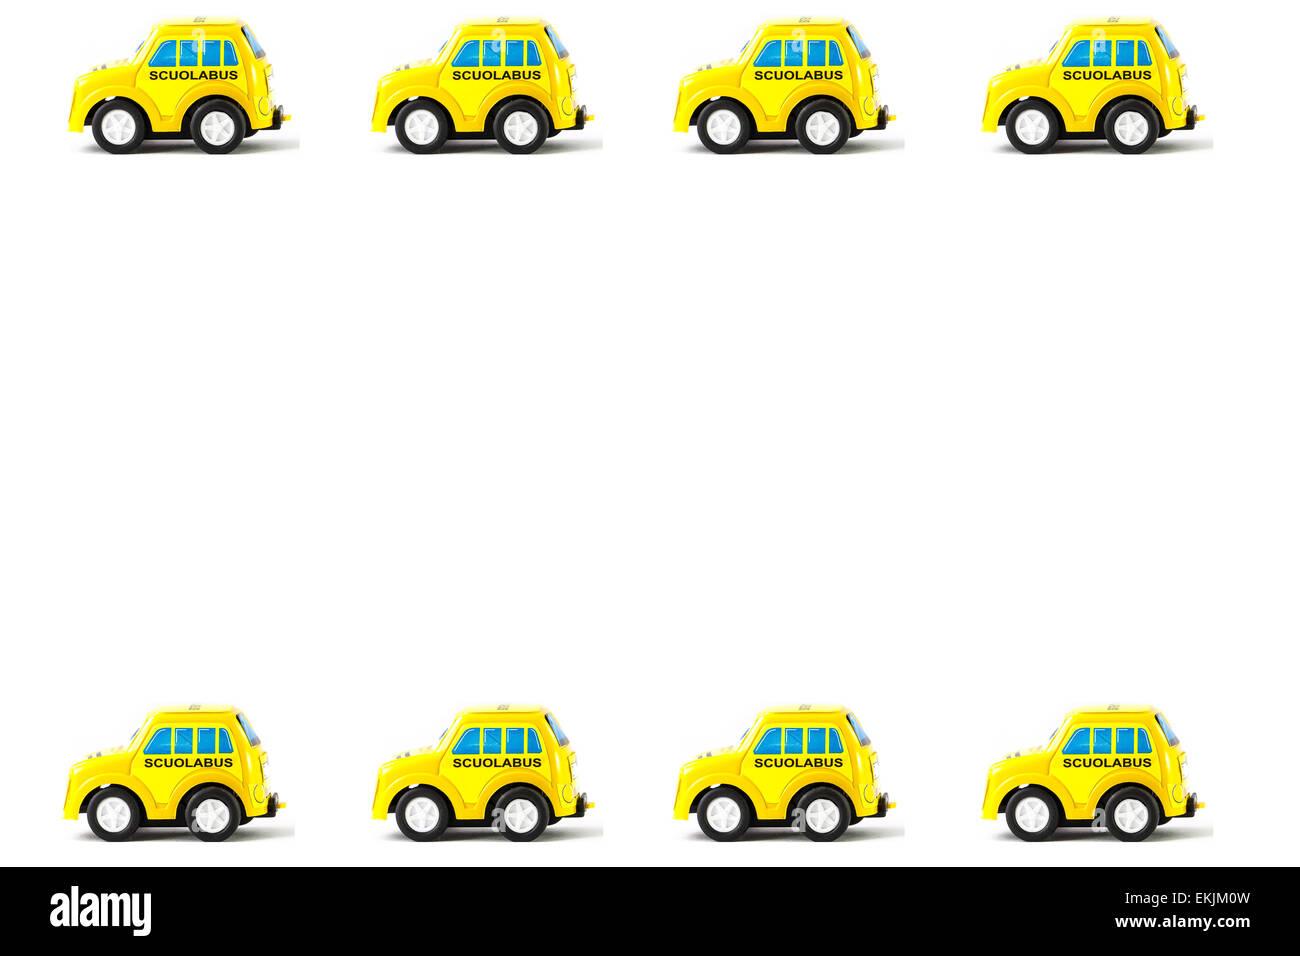 Rahmen der Schoolbus Spielzeug Auto, weißen Hintergrund Stockfoto ...